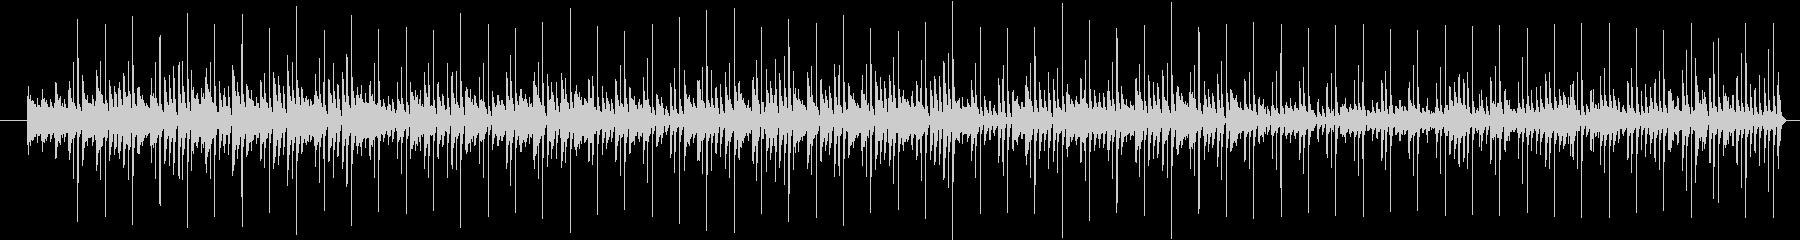 ひなたぼっこミュージックの未再生の波形